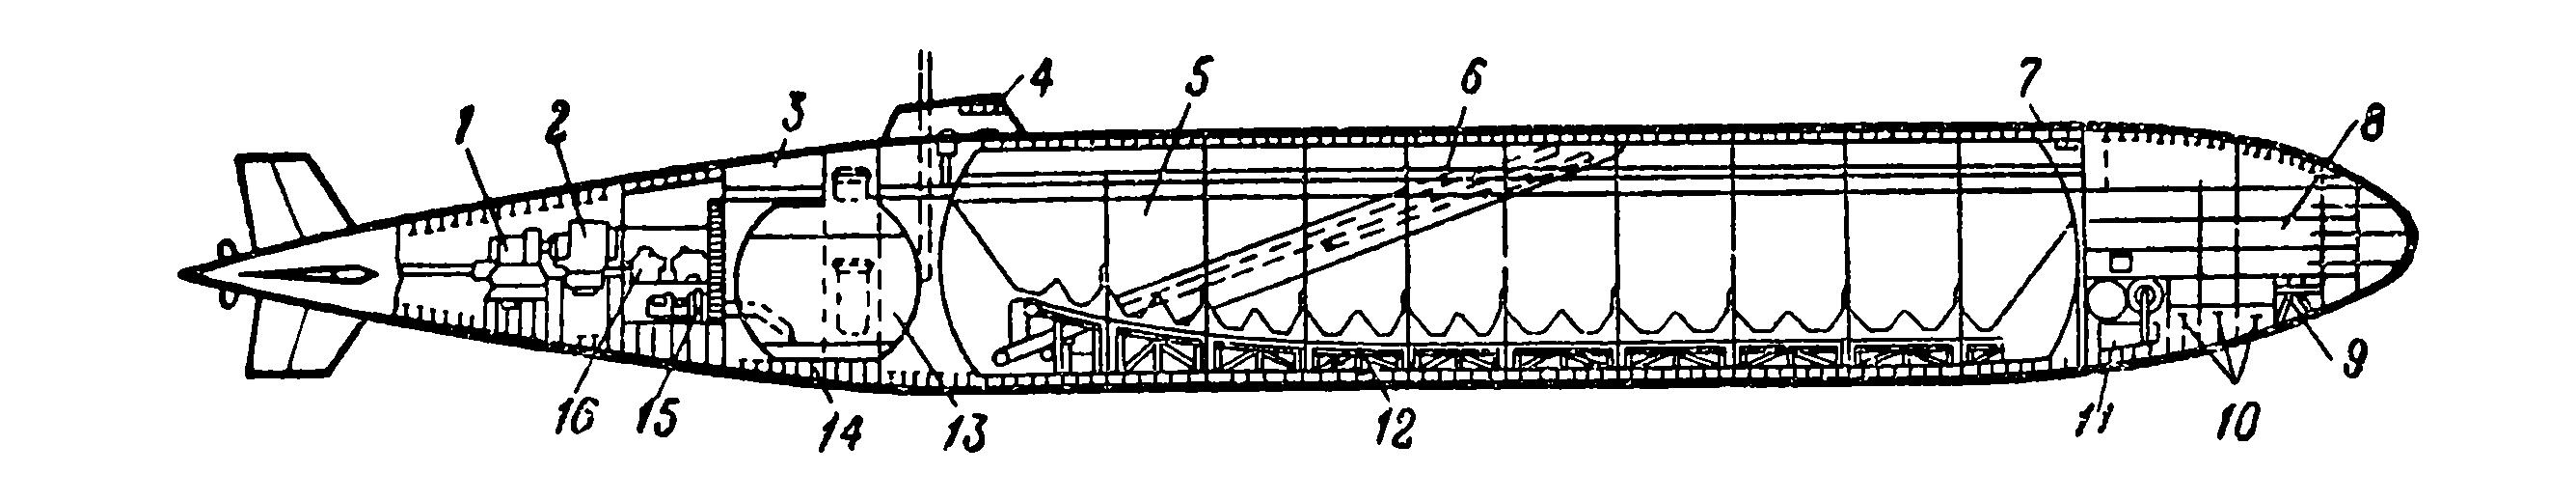 Рис. 23. Проект атомного подводного судна для перевозки руды. 1957 г.